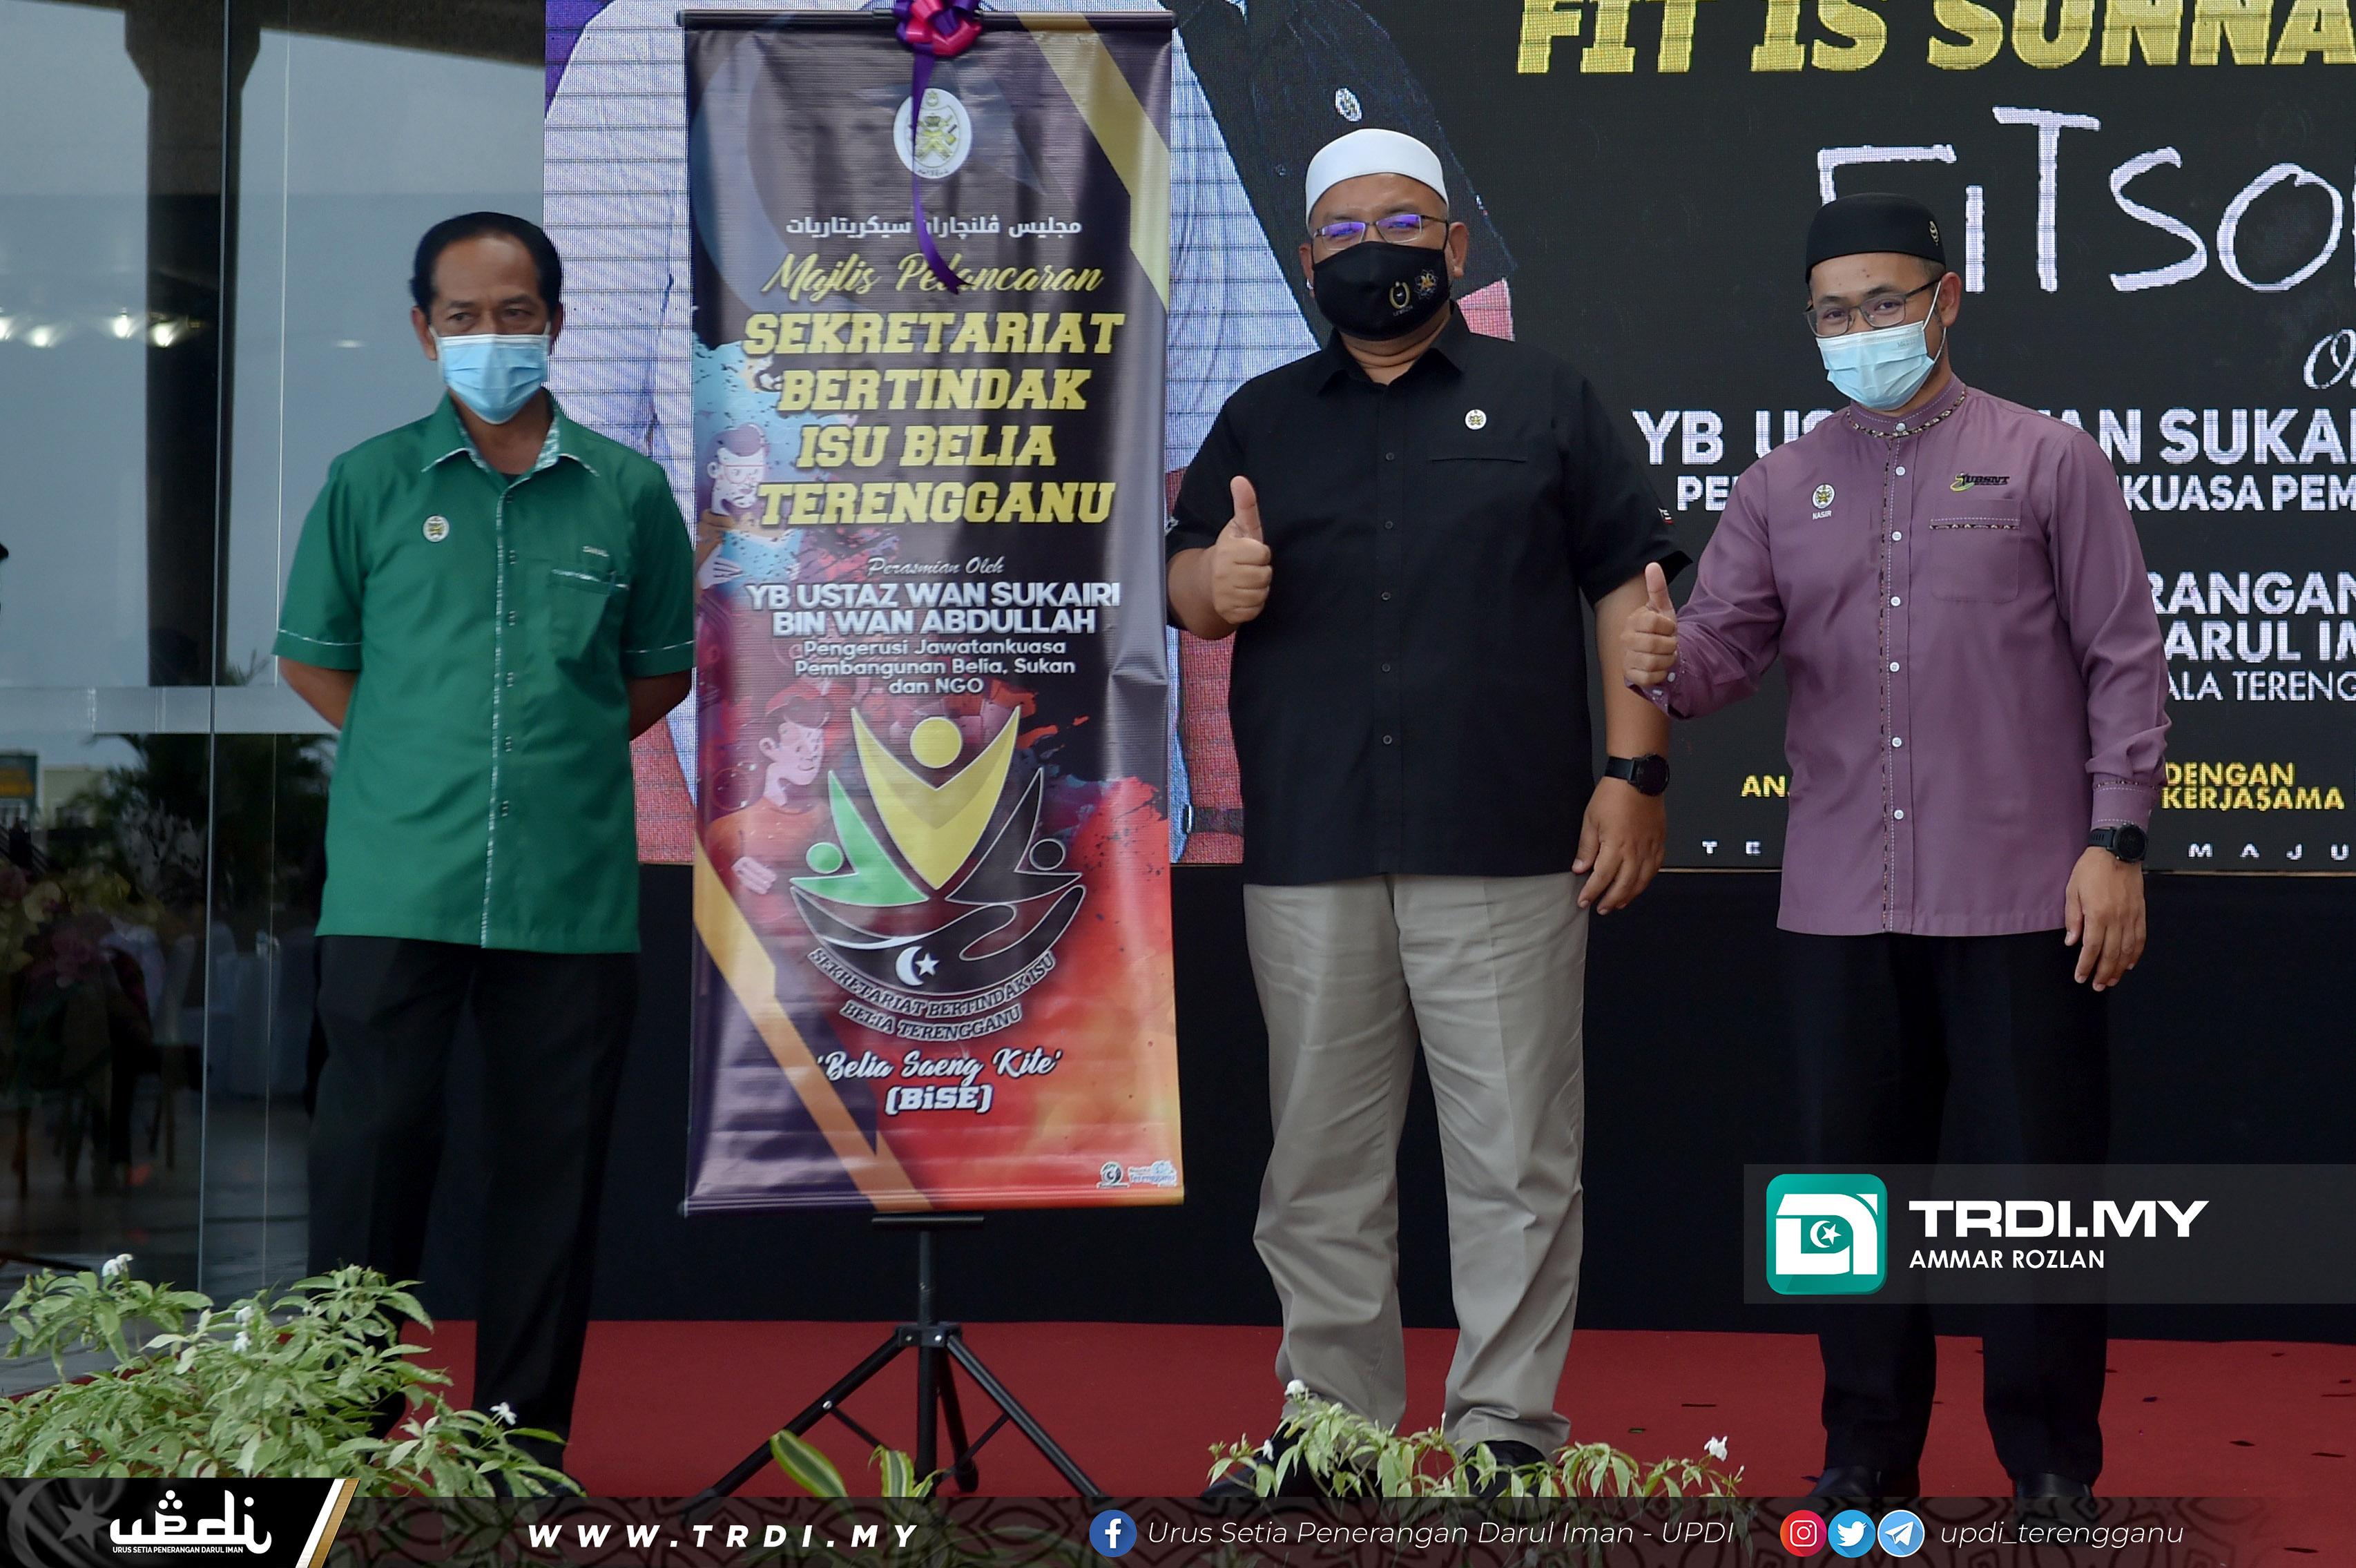 YB Ustaz Wan Sukairi menghadiri Majlis Pelancaran Program Kecergasan Terengganu Online Fitssunnah Aplikasi Fitsokmo di Dewan Perkarangan U2, Wisma Darul Iman.